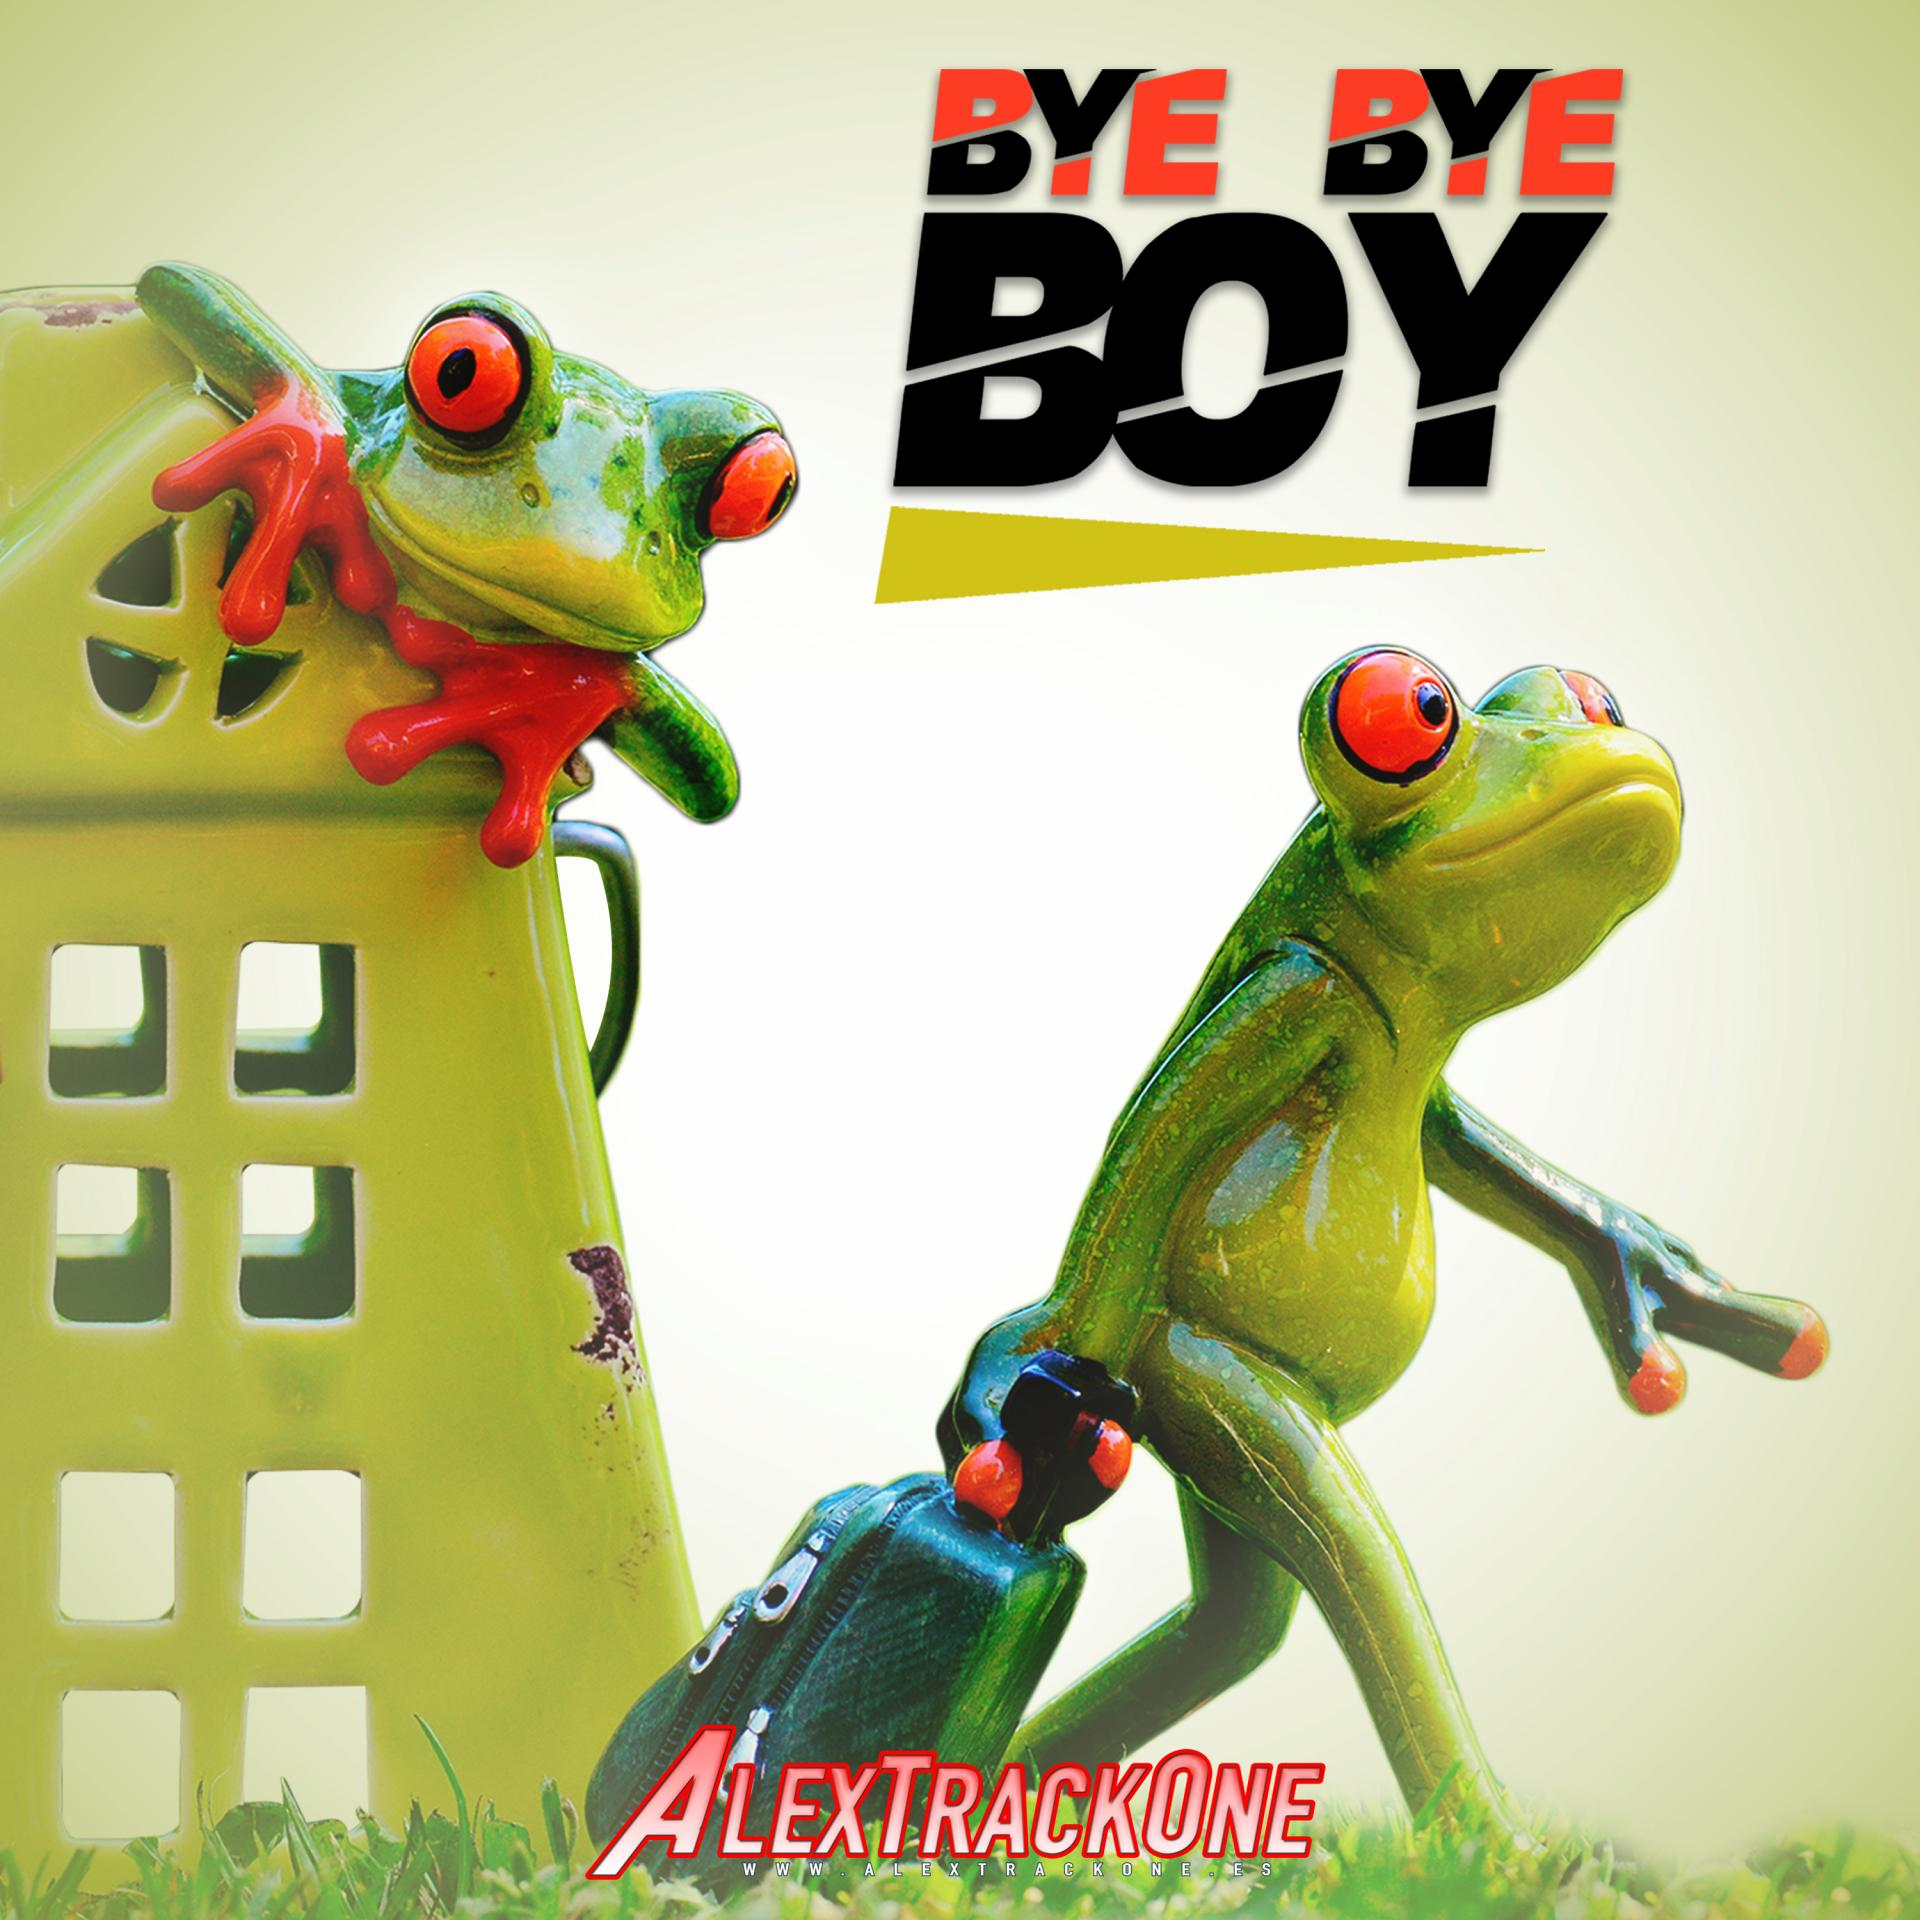 BYE BYE BOY -Original Mix-